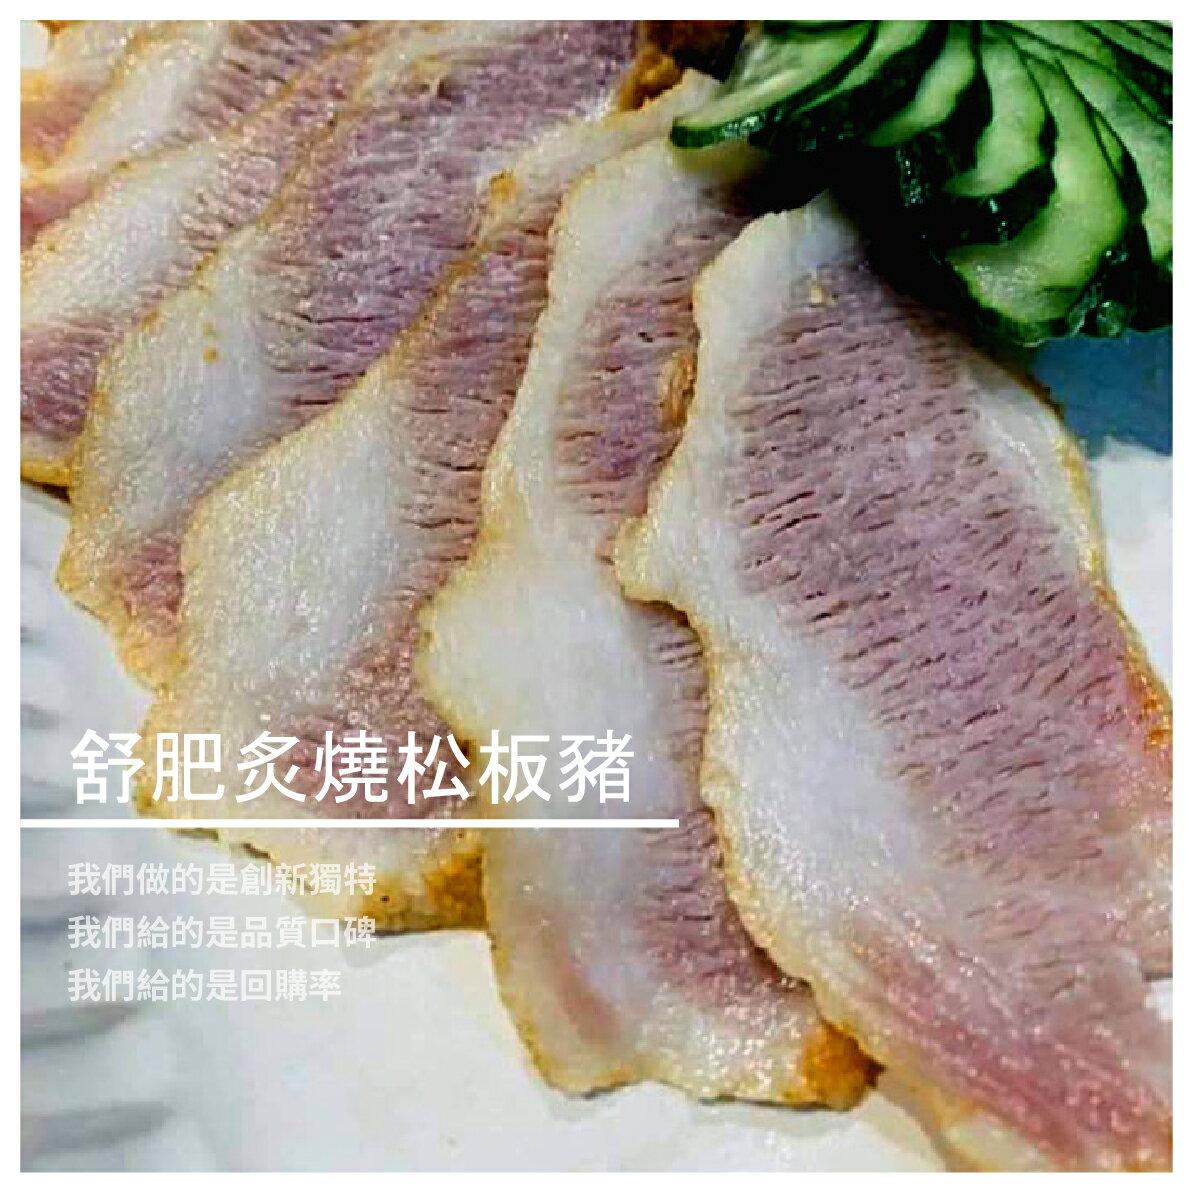 【科科克食品】舒肥炙燒松板豬/260g